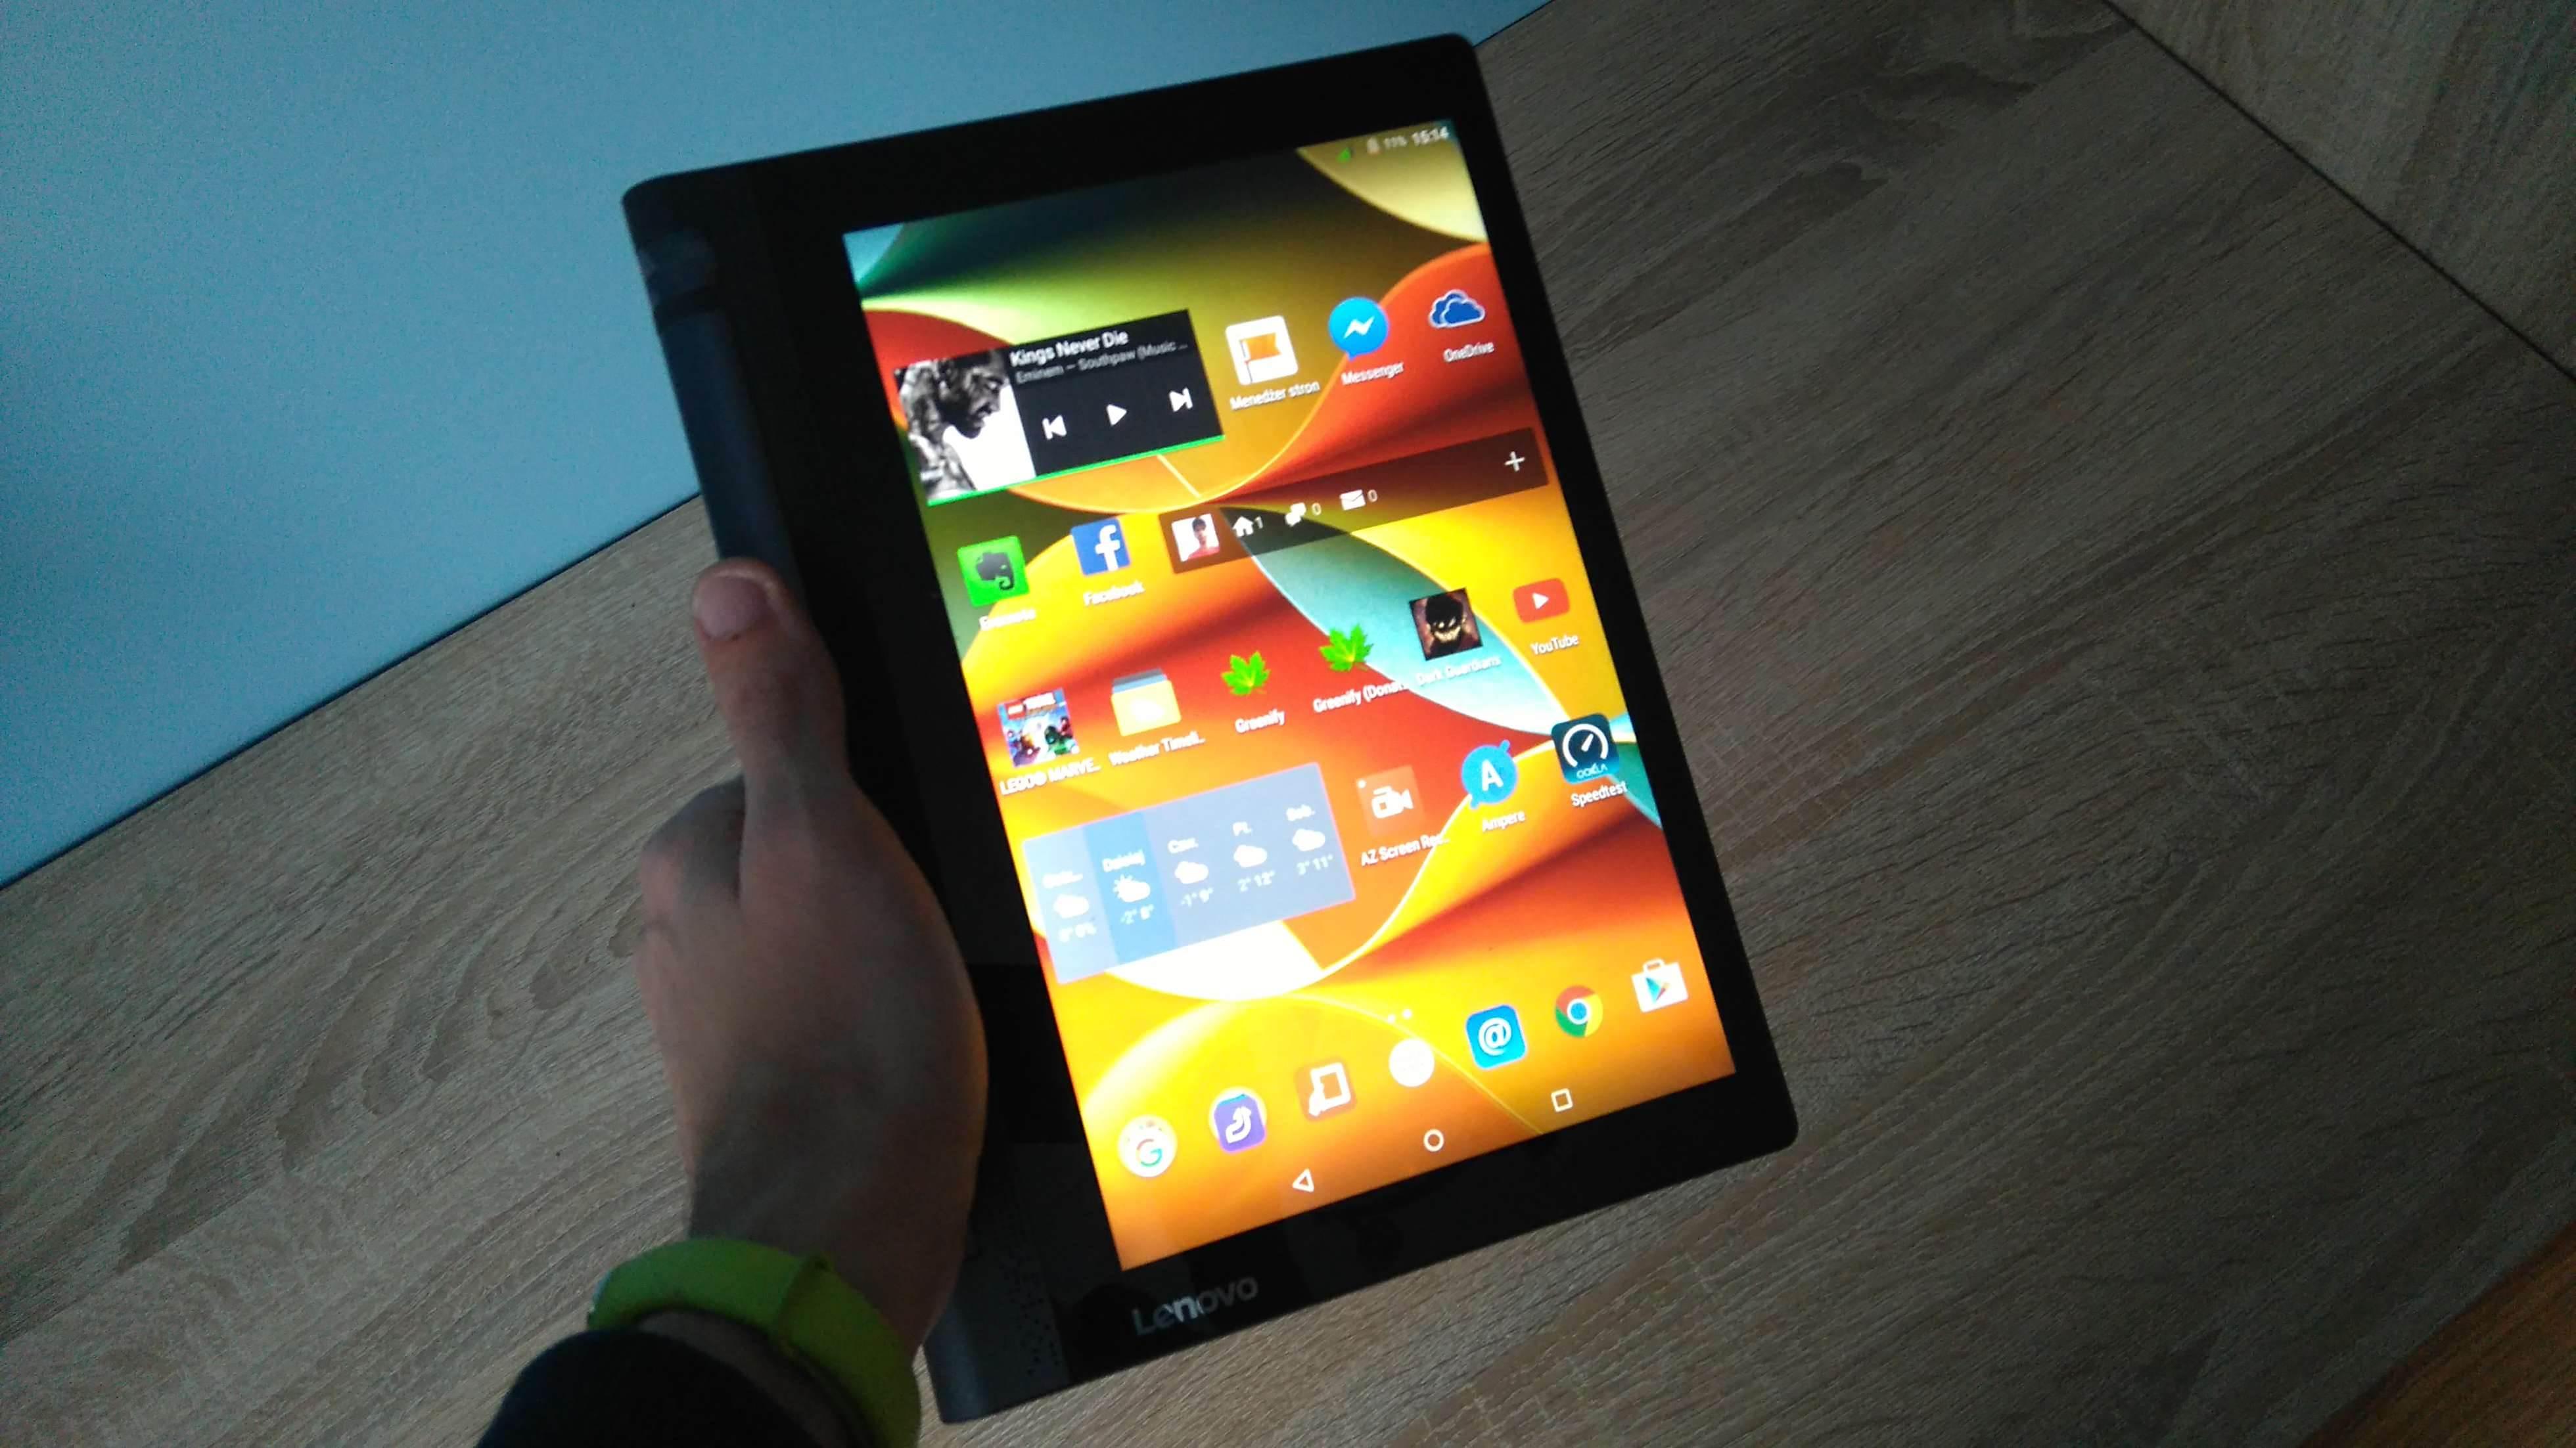 Lenovo Yoga Tab 3 LTE - recenzja urządzenia recenzje, polecane zalety, yoga tab 3, wady, Tablet, polska recenzja Lenovo Yoga Tab 3 LTE, polska recenzja, Lenovo Yoga Tab 3 LTE, lenovo, jak działa Lenovo Yoga Tab 3 LTE, czy warto kupić Lenovo Yoga Tab 3 LTE, cena Lenovo Yoga Tab 3 LTE  Nie ma się co oszukiwać, większość obecnie dostępnych tabletów wygląda niemal tak samo i różnią je od siebie drobne szczegóły wprowadzane do wzornictwa z generacji na generację, ale jednym z odmiennych modeli jest bez wątpienia seria tabletów Yoga, wprowadzona na rynek mobilny przez Lenovo. Czy przednie głośniki stereo i fabrycznie zamontowany stojak wystarczy, aby przykuć uwagę potencjalnego nabywcy? DSC 0020